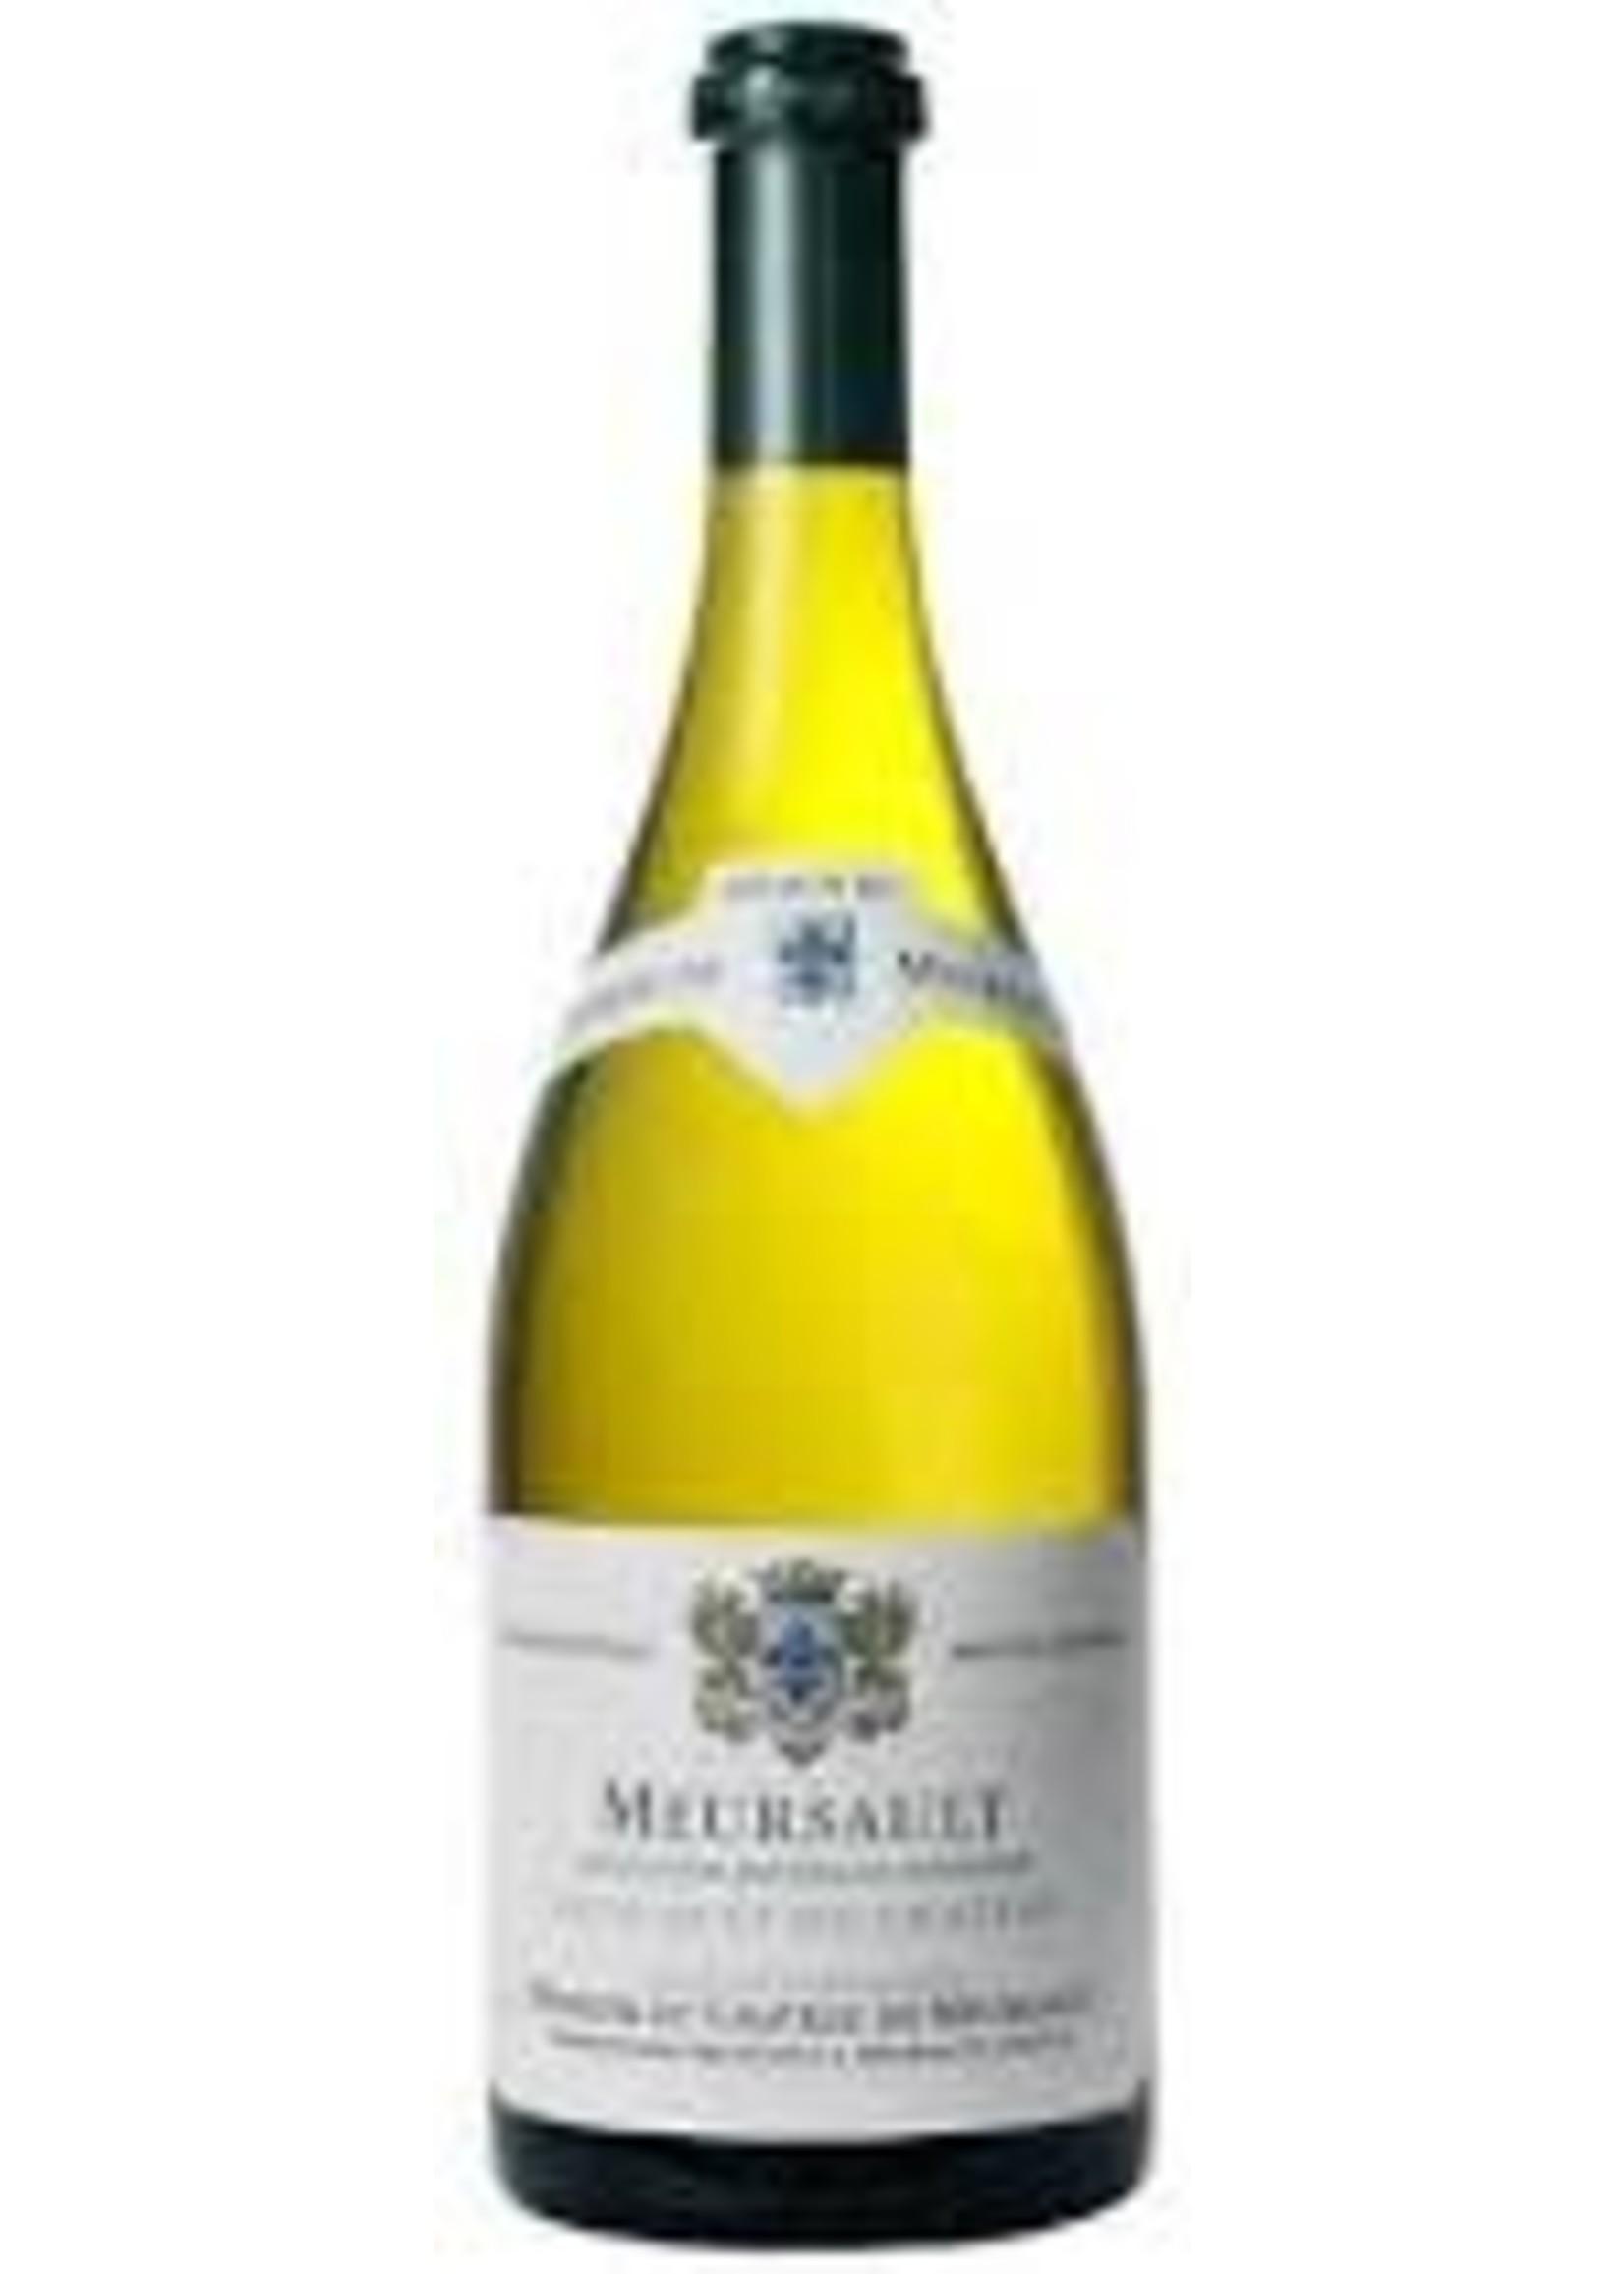 Chateau de Meursault 2018 Bourgogne Chardonnay Clos de Chateau 750ml